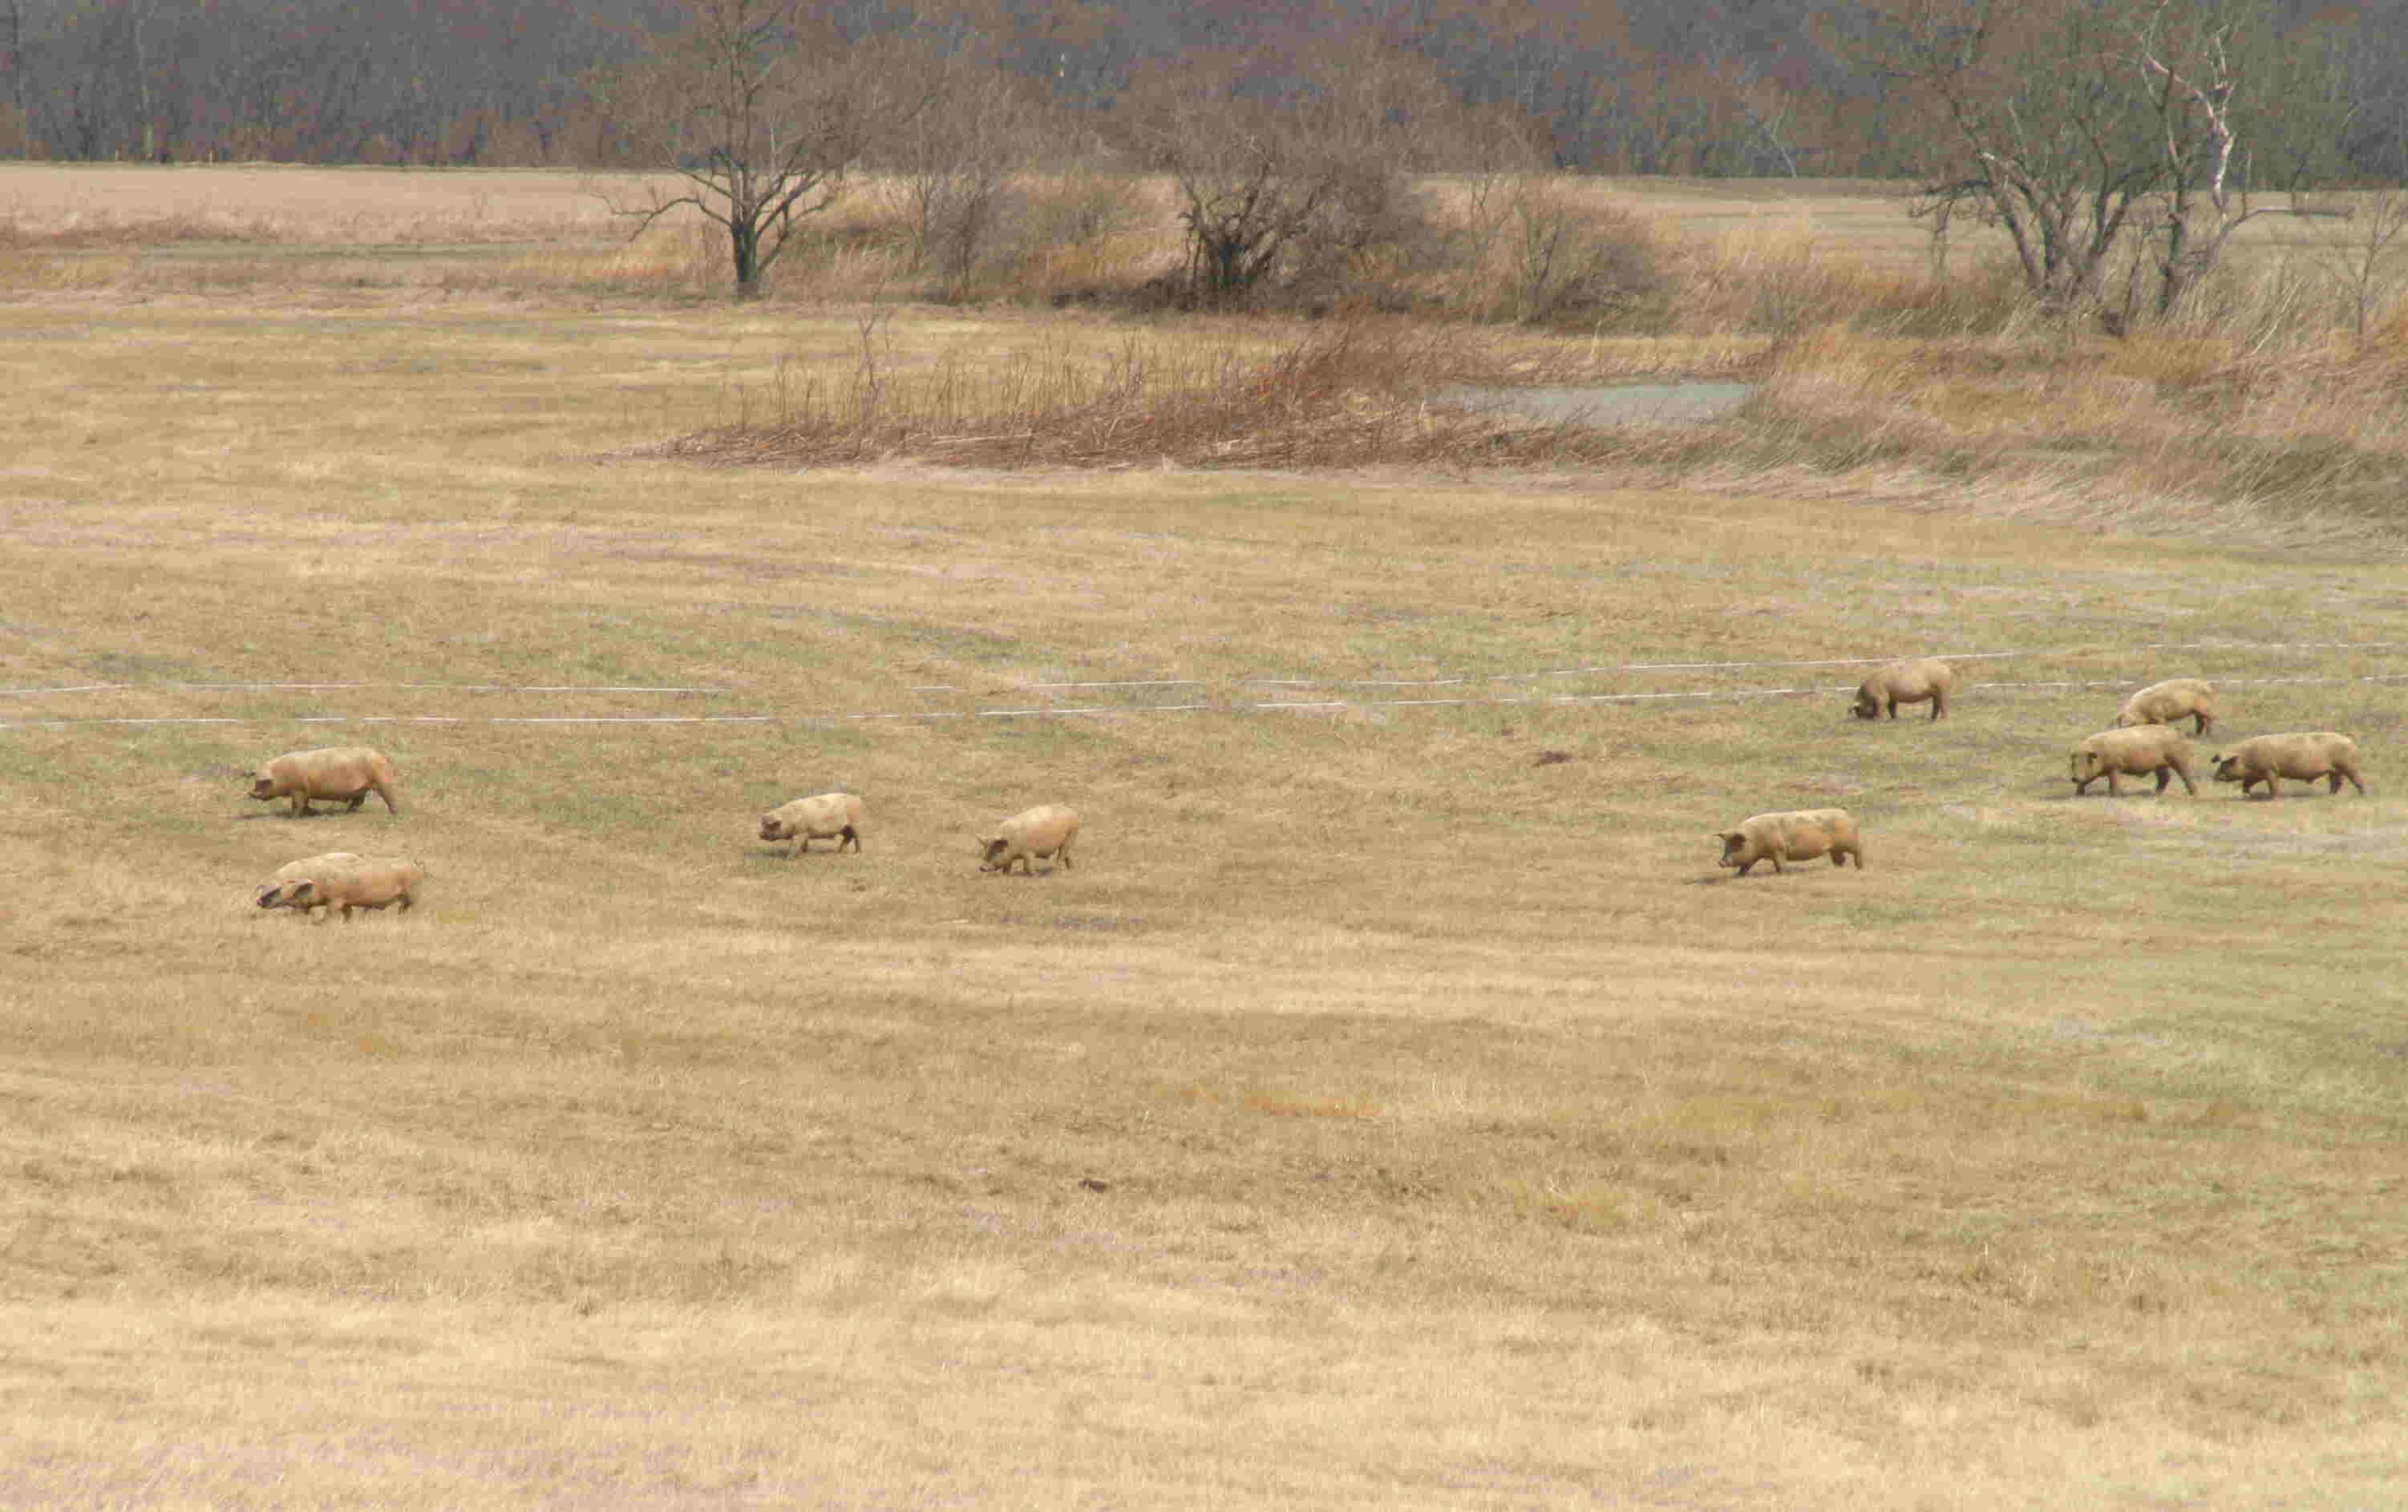 4月10日 河川敷での放牧スタート_a0103738_109089.jpg